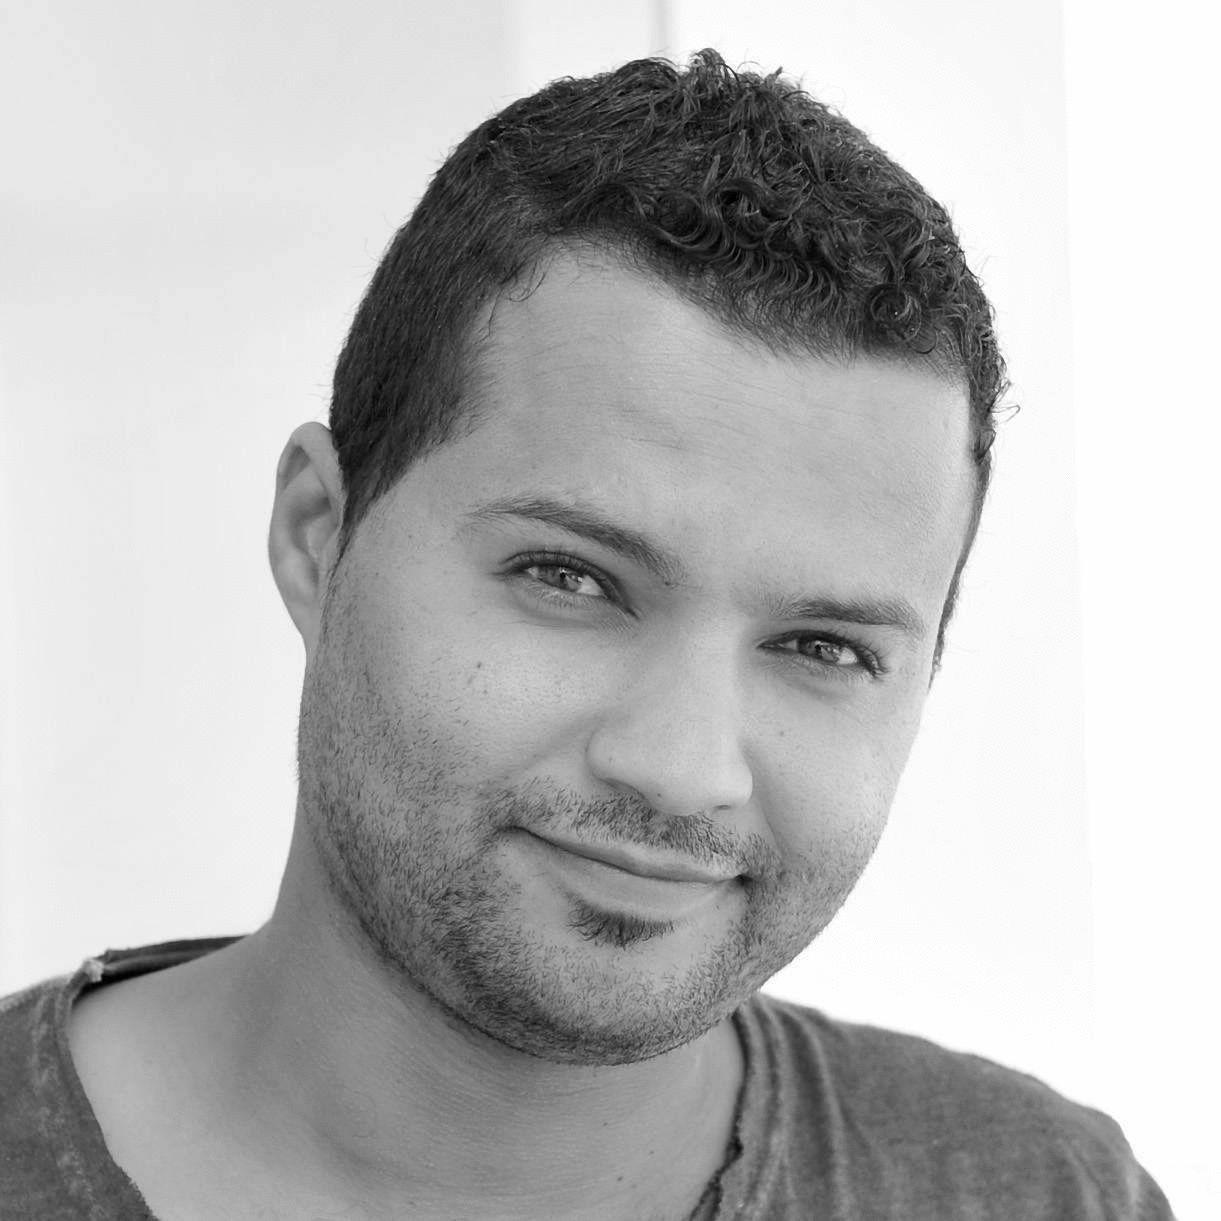 إسماعيل عزام Headshot